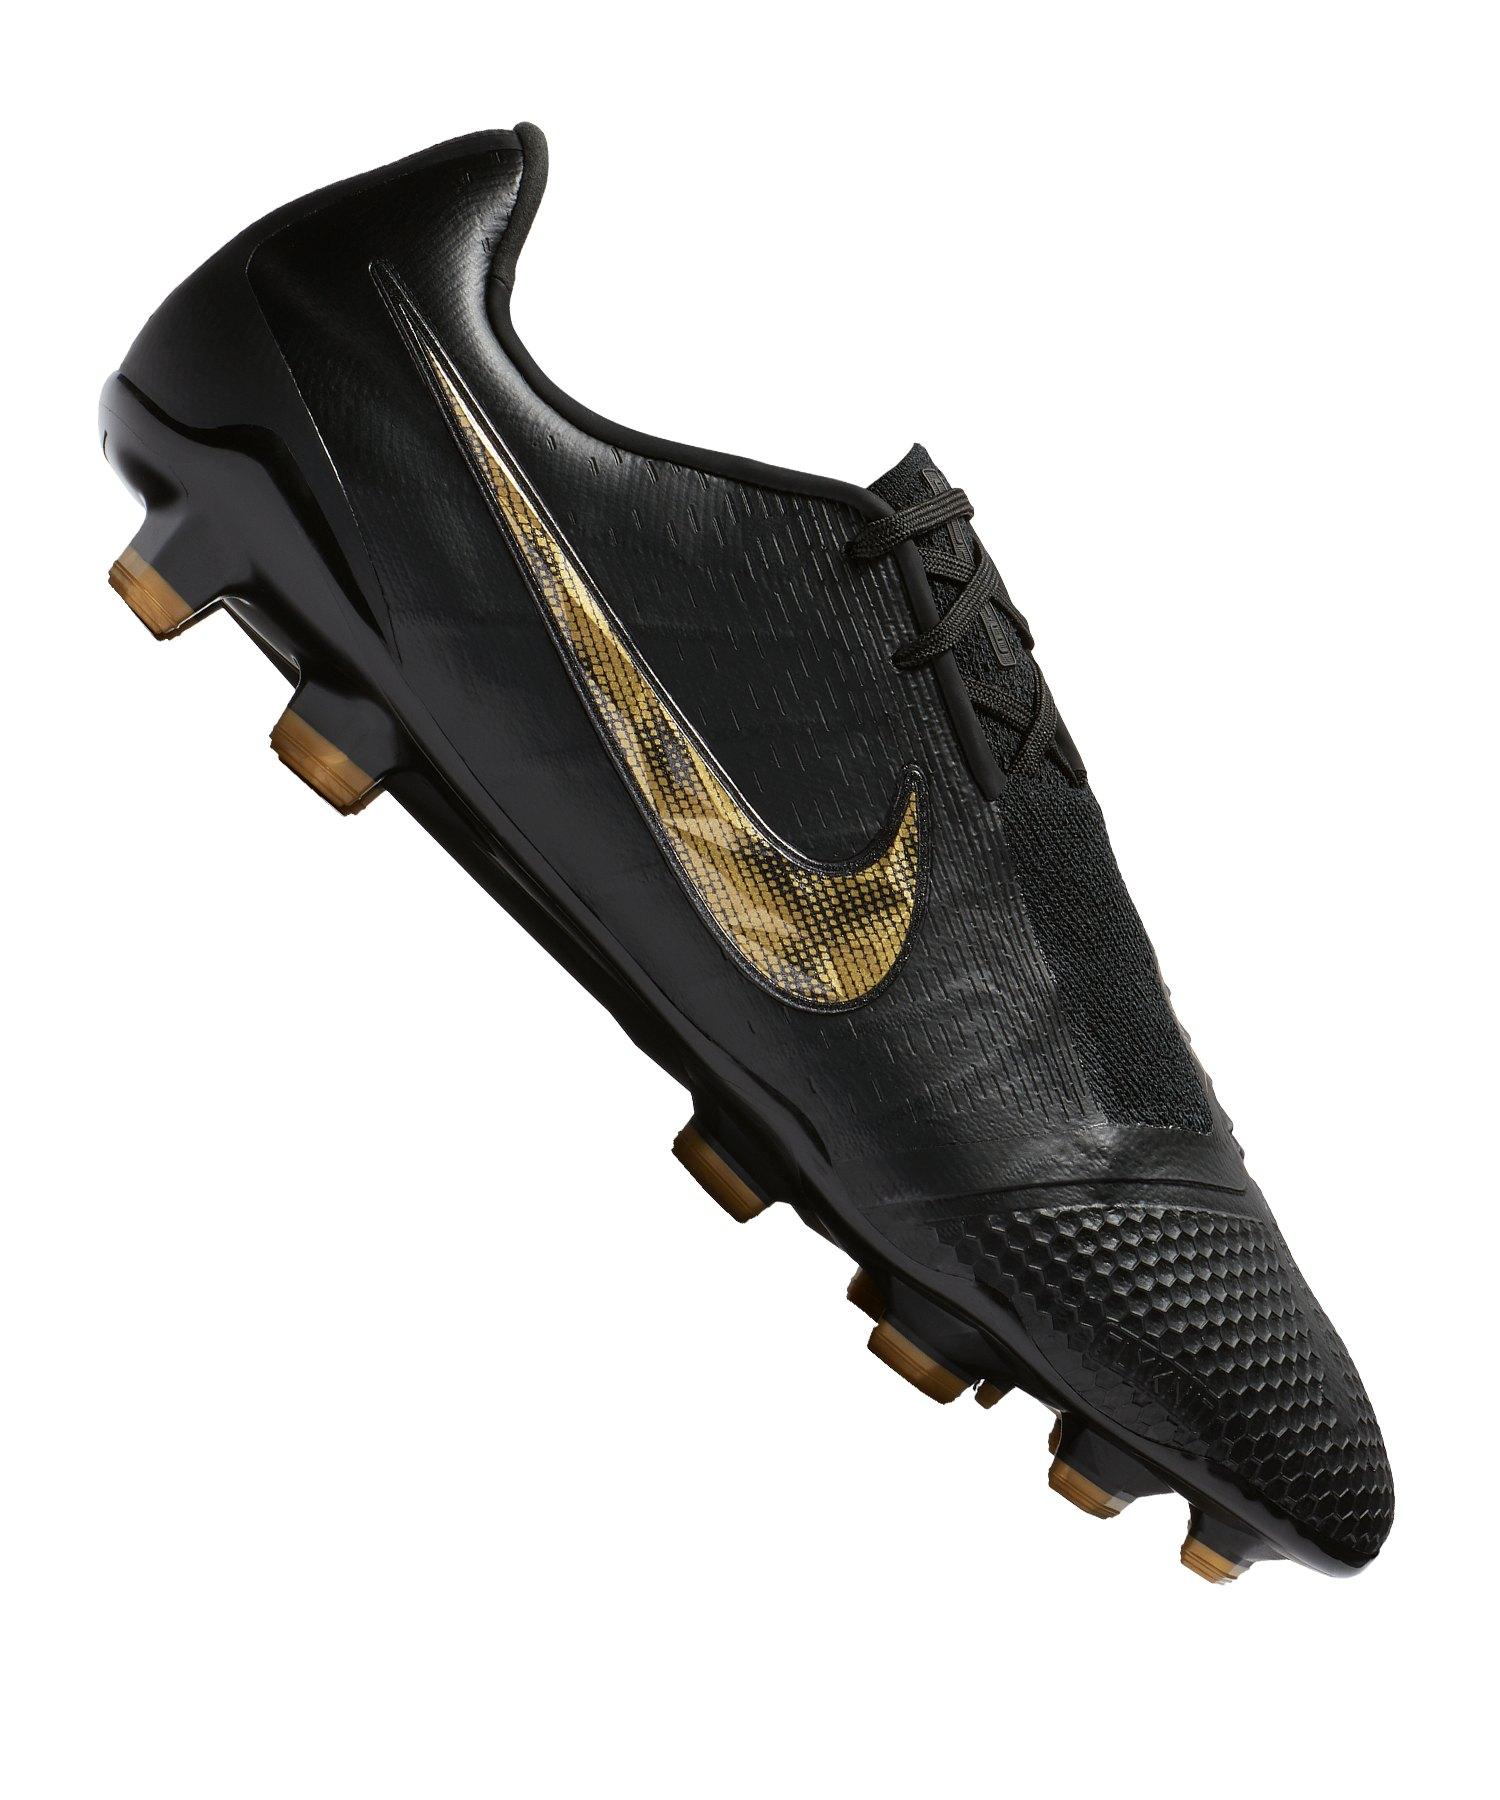 Nike Phantom Venom Elite FG Schwarz F077 - schwarz